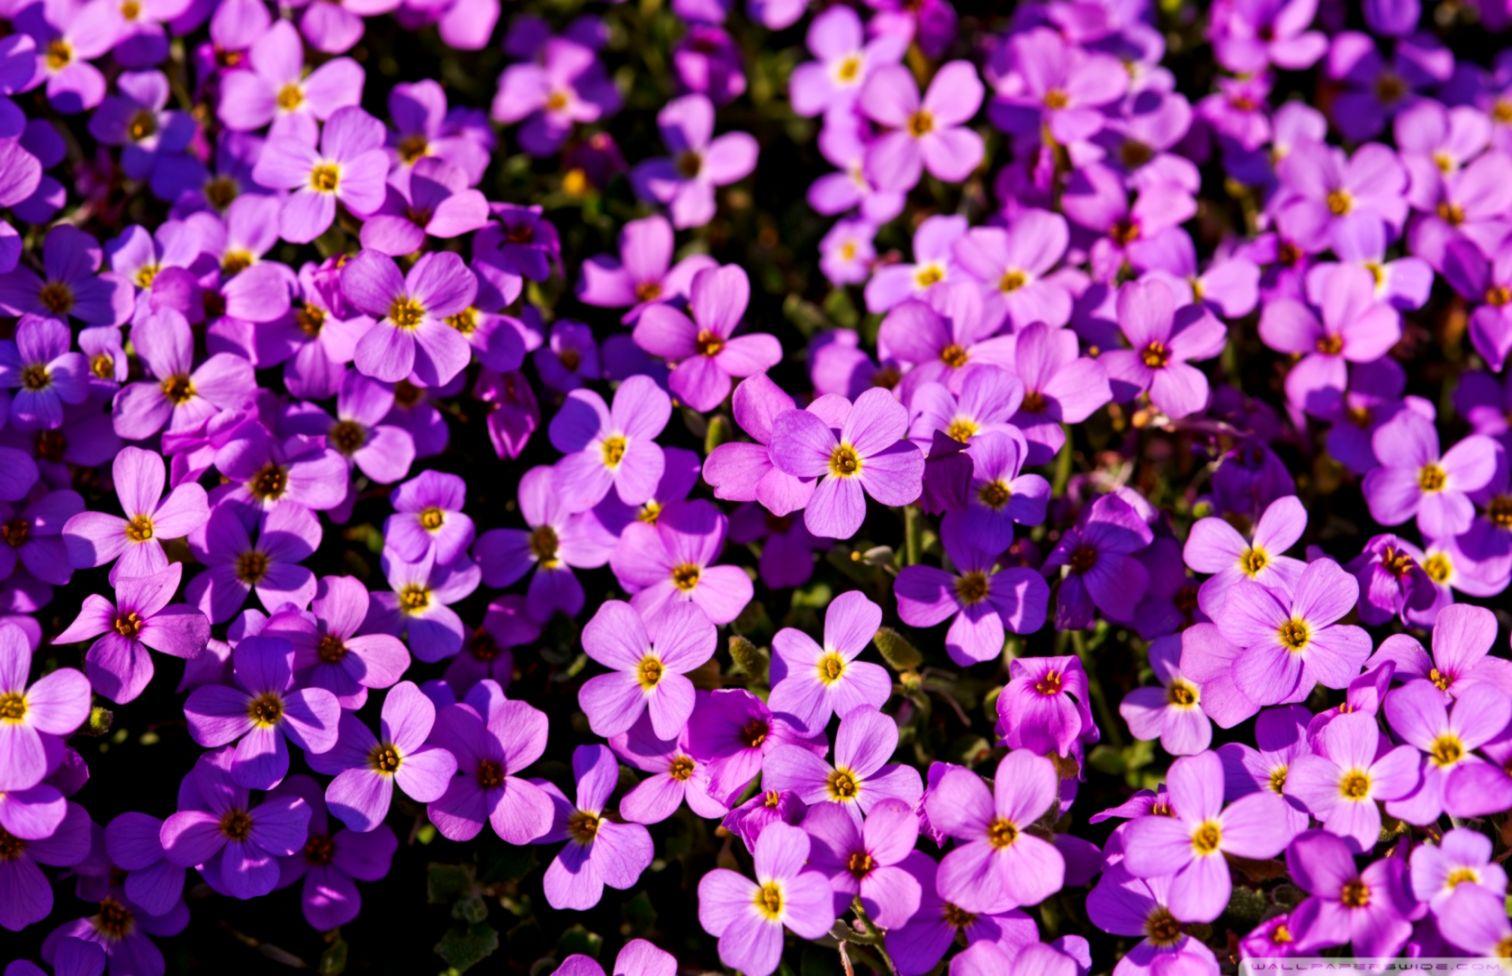 A Lot Of Purple Flowers 4k Hd Desktop Wallpaper For Purple Flowers Wallpapers For Desktop 1512x976 Wallpaper Teahub Io